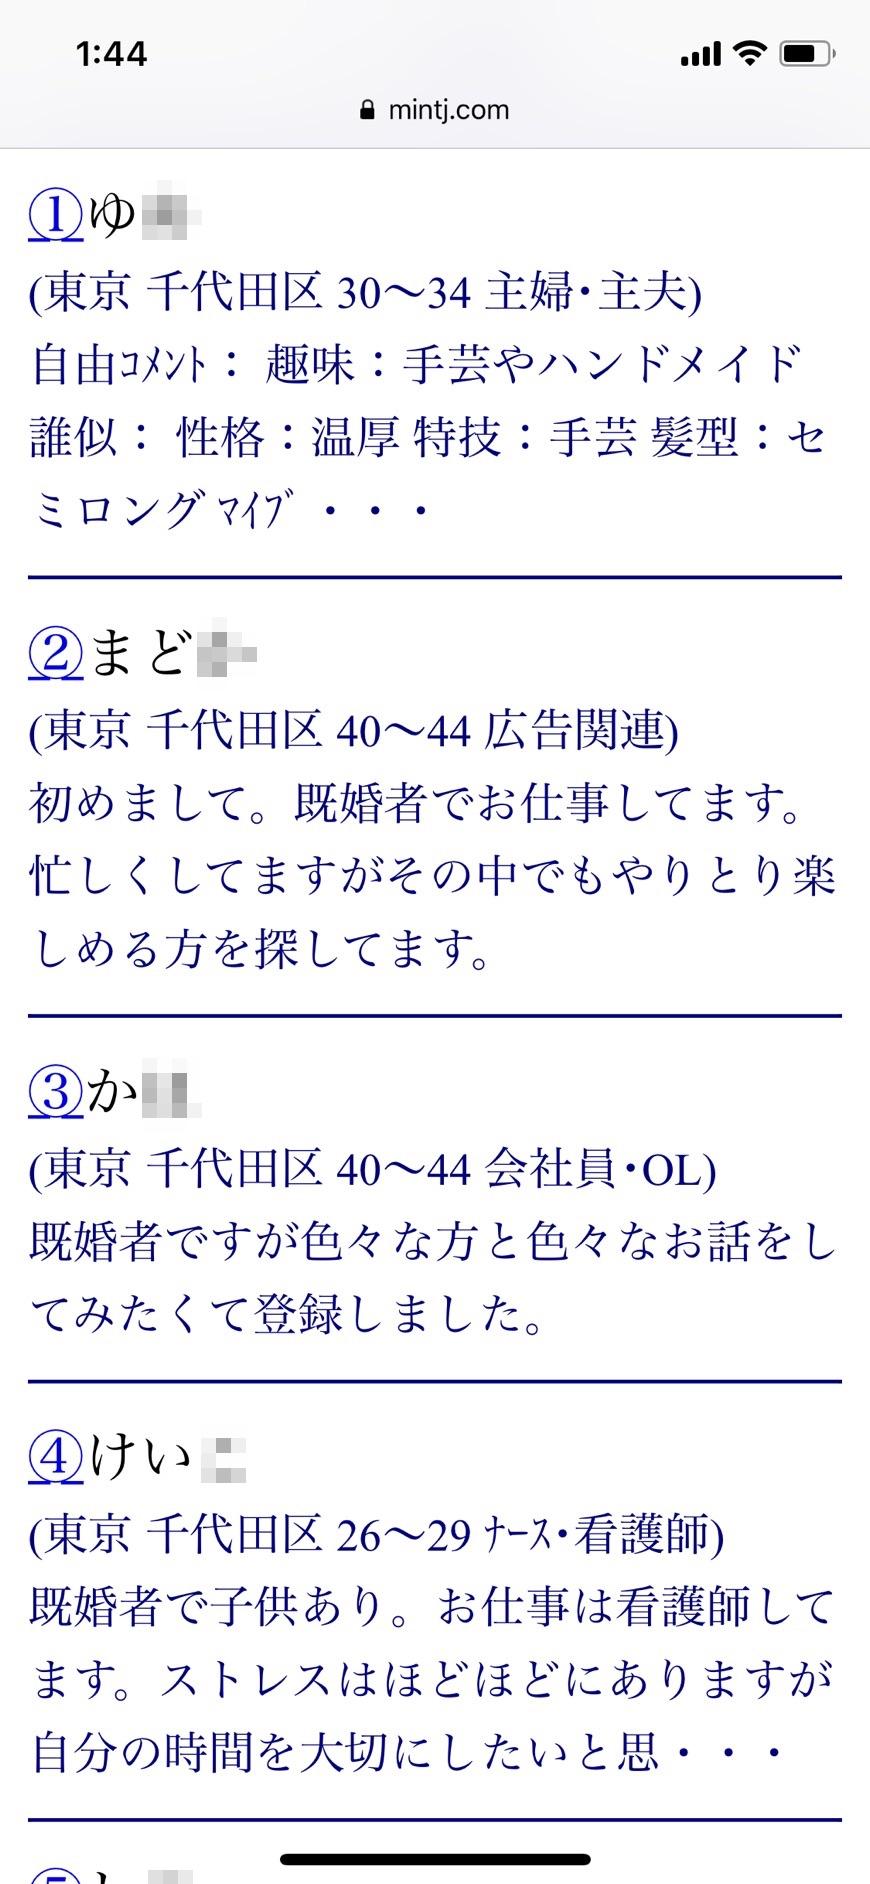 神田・割り切り出会い掲示板(Jメール)